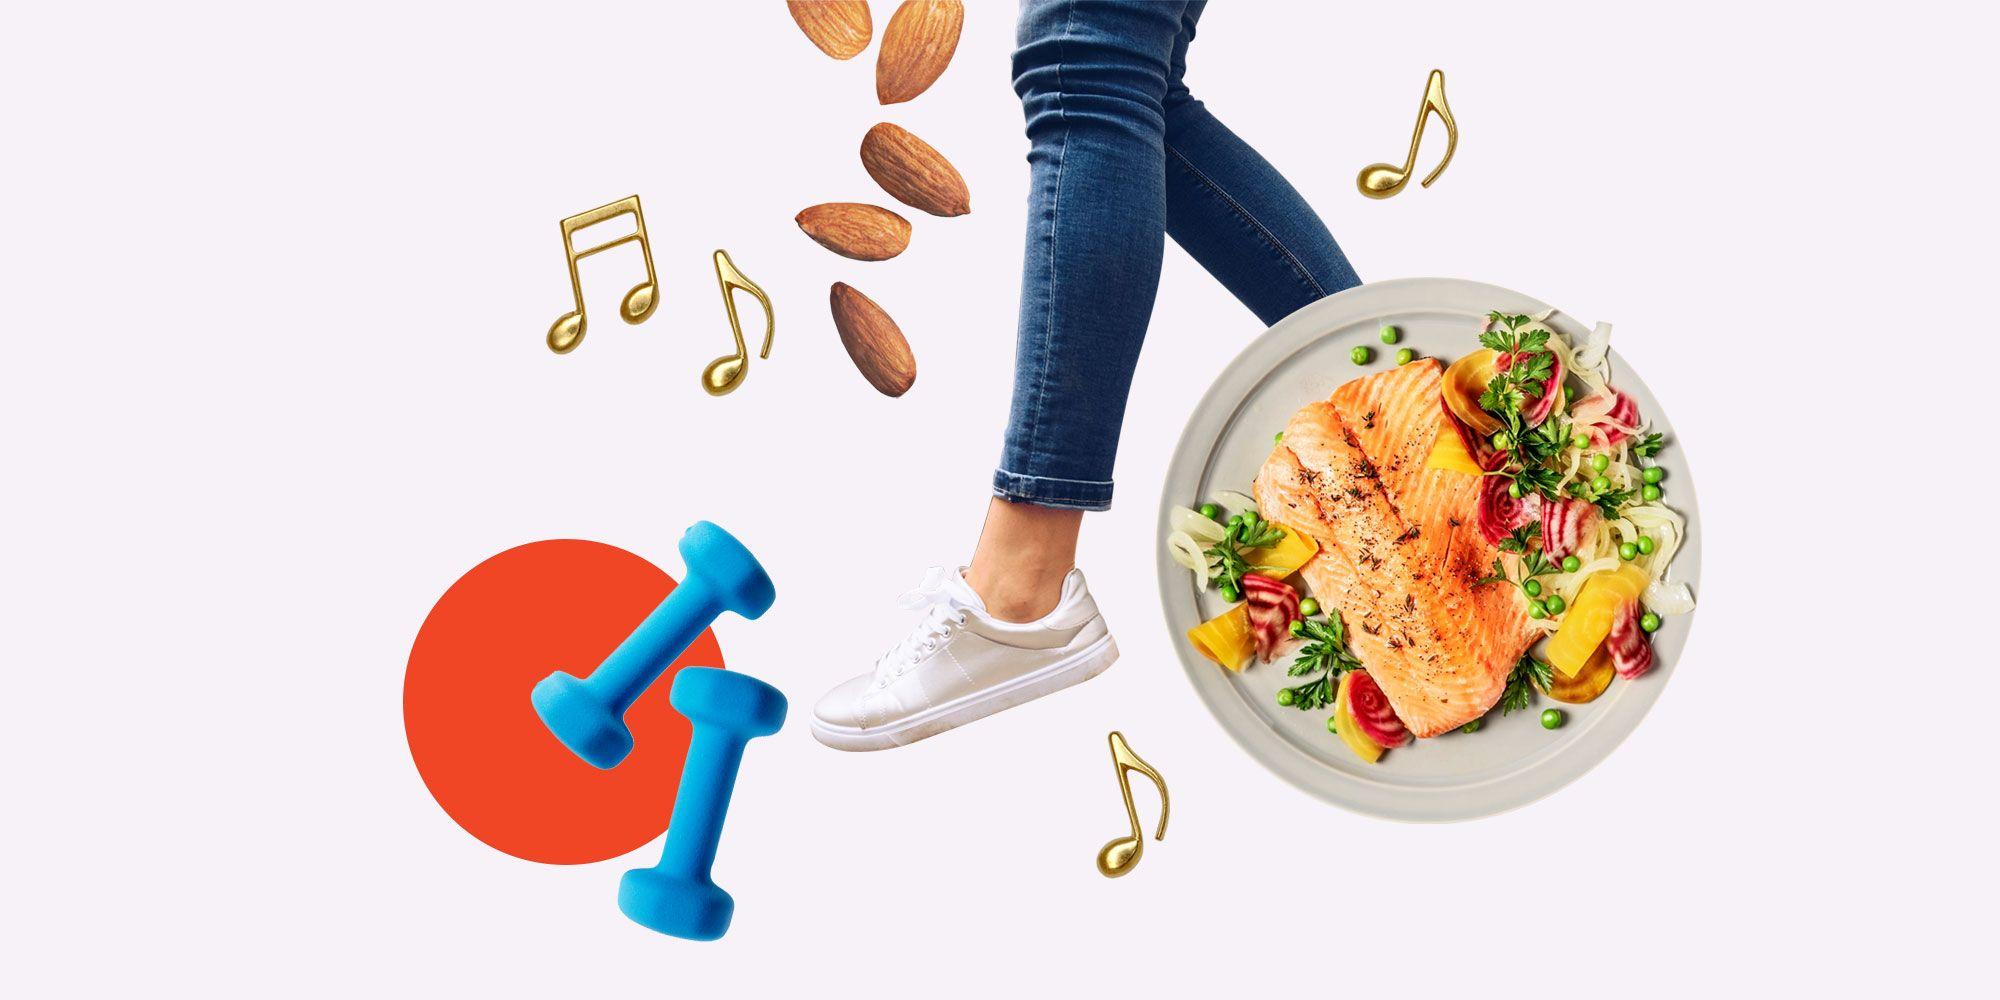 23 cách giảm cân nhanh, an toàn, giúp giảm béo, đốt mỡ hiệu quả nhất - 2